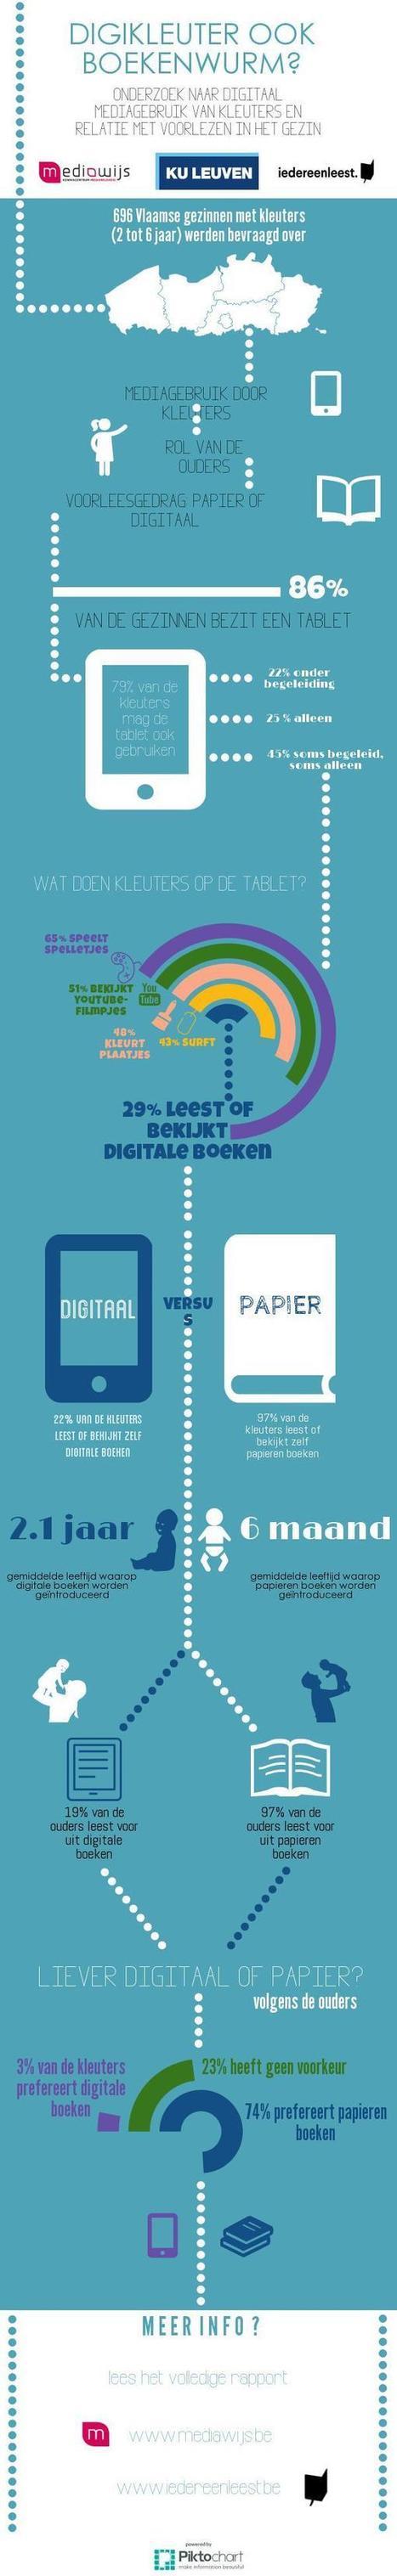 Digitale media bij Vlaamse kleuters en voorlezen in gezin | Mediawijsheid en ouders | Scoop.it